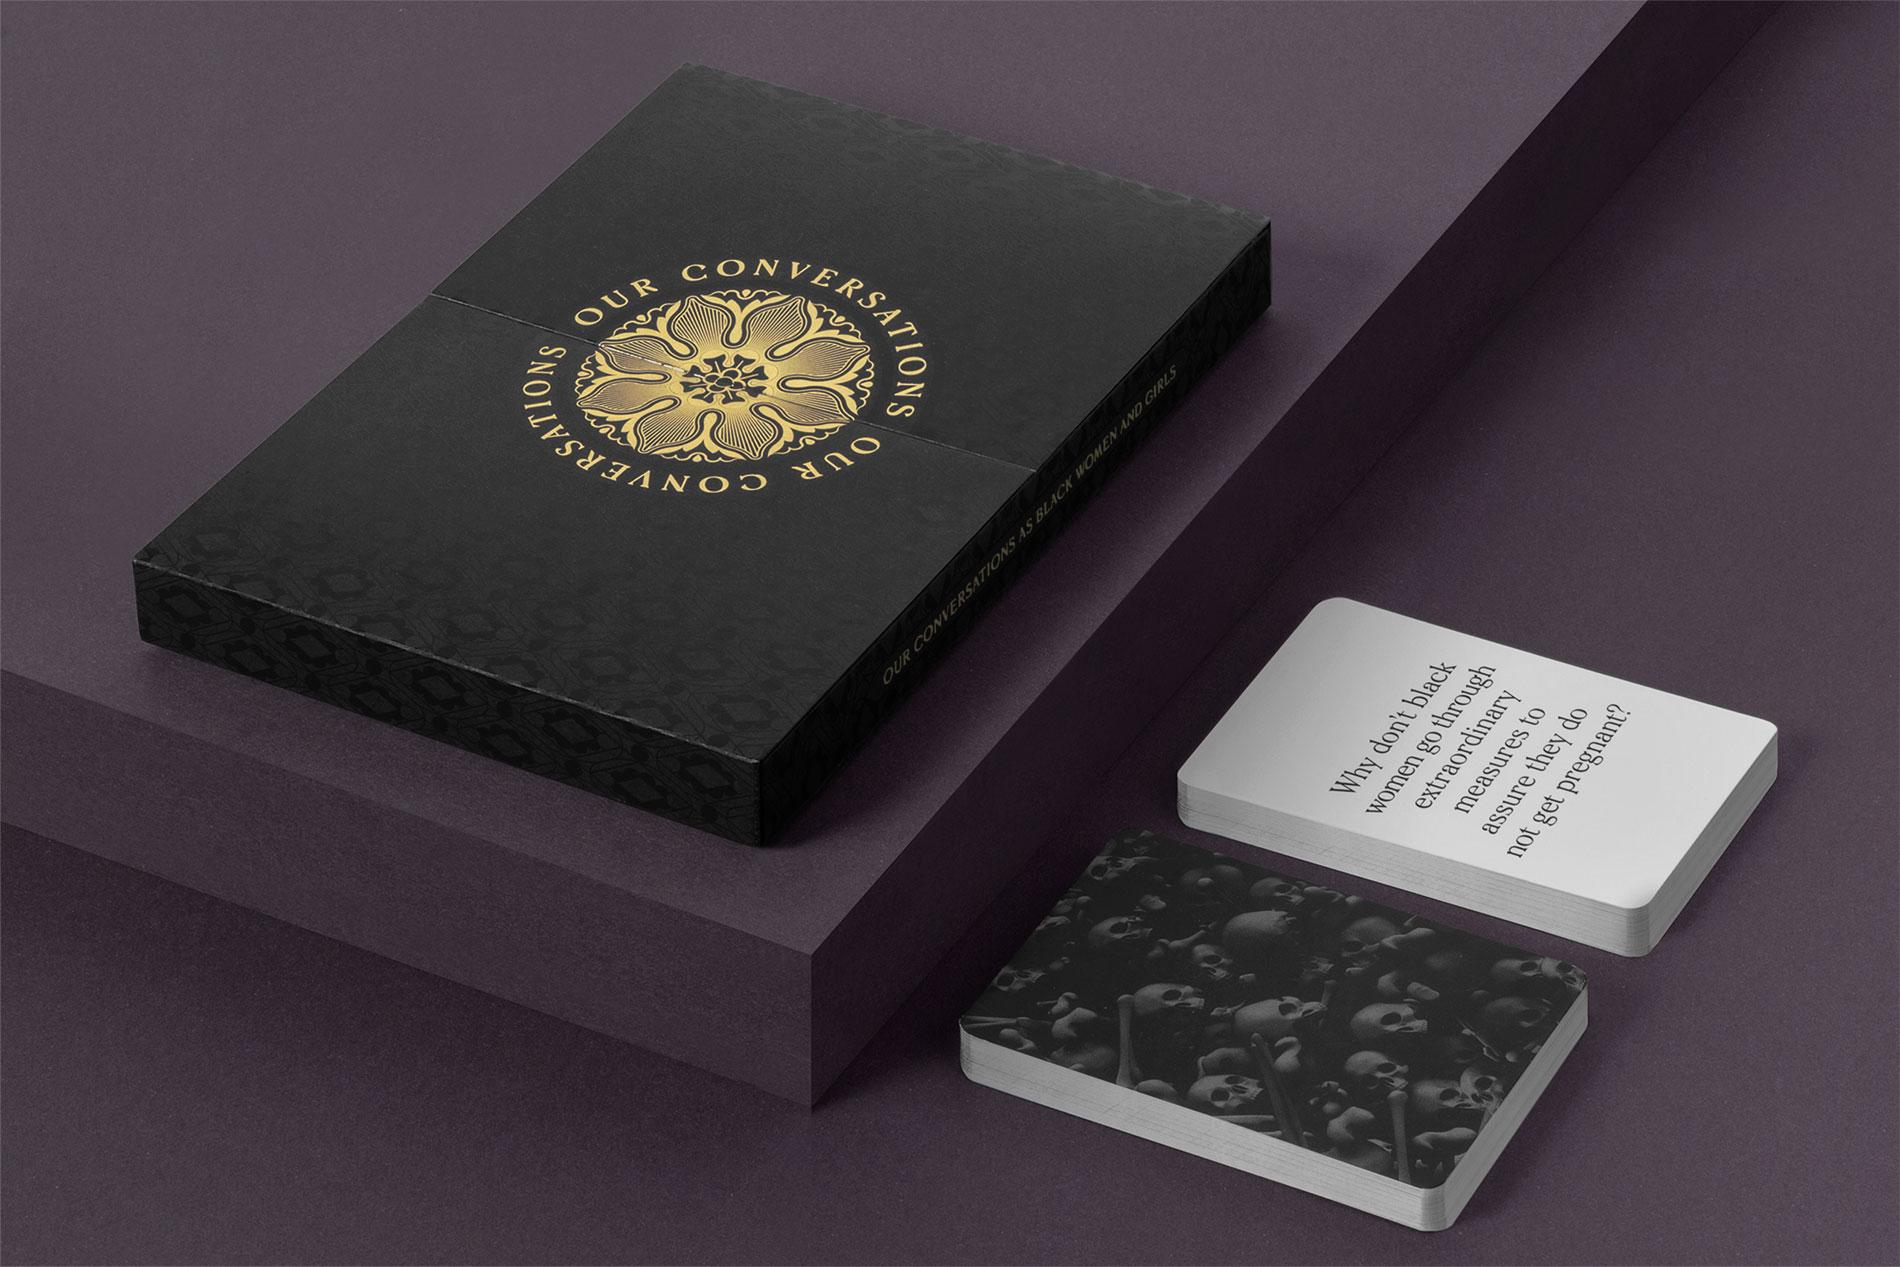 Diseño gráfico juego de cartas